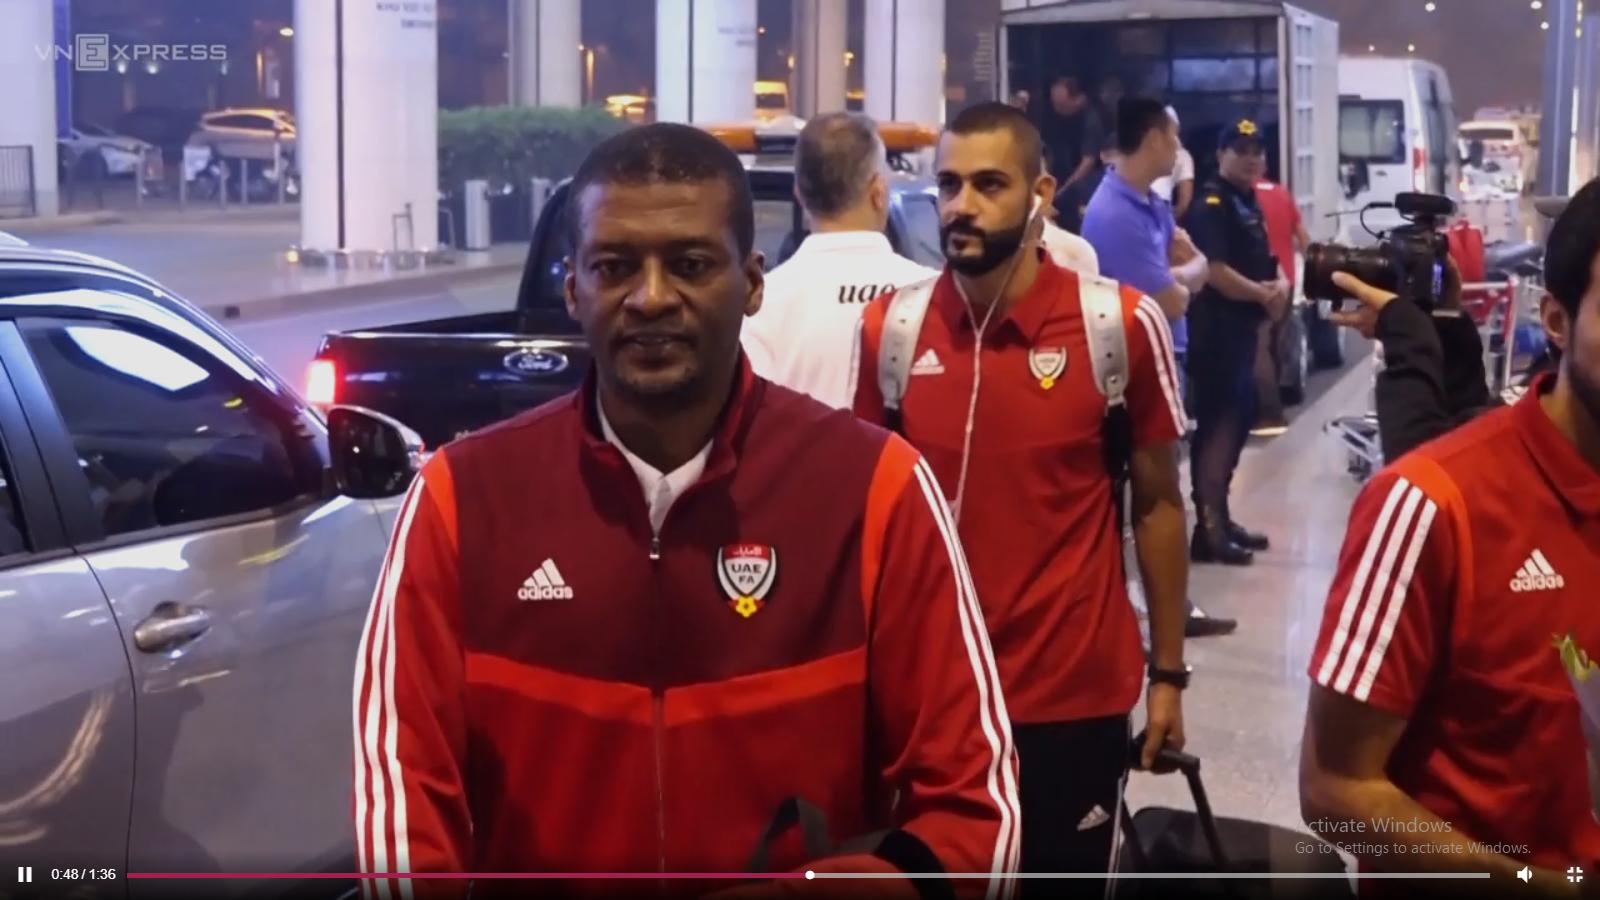 Đội tuyển UAE đến Nội Bài lúc nửa đêm